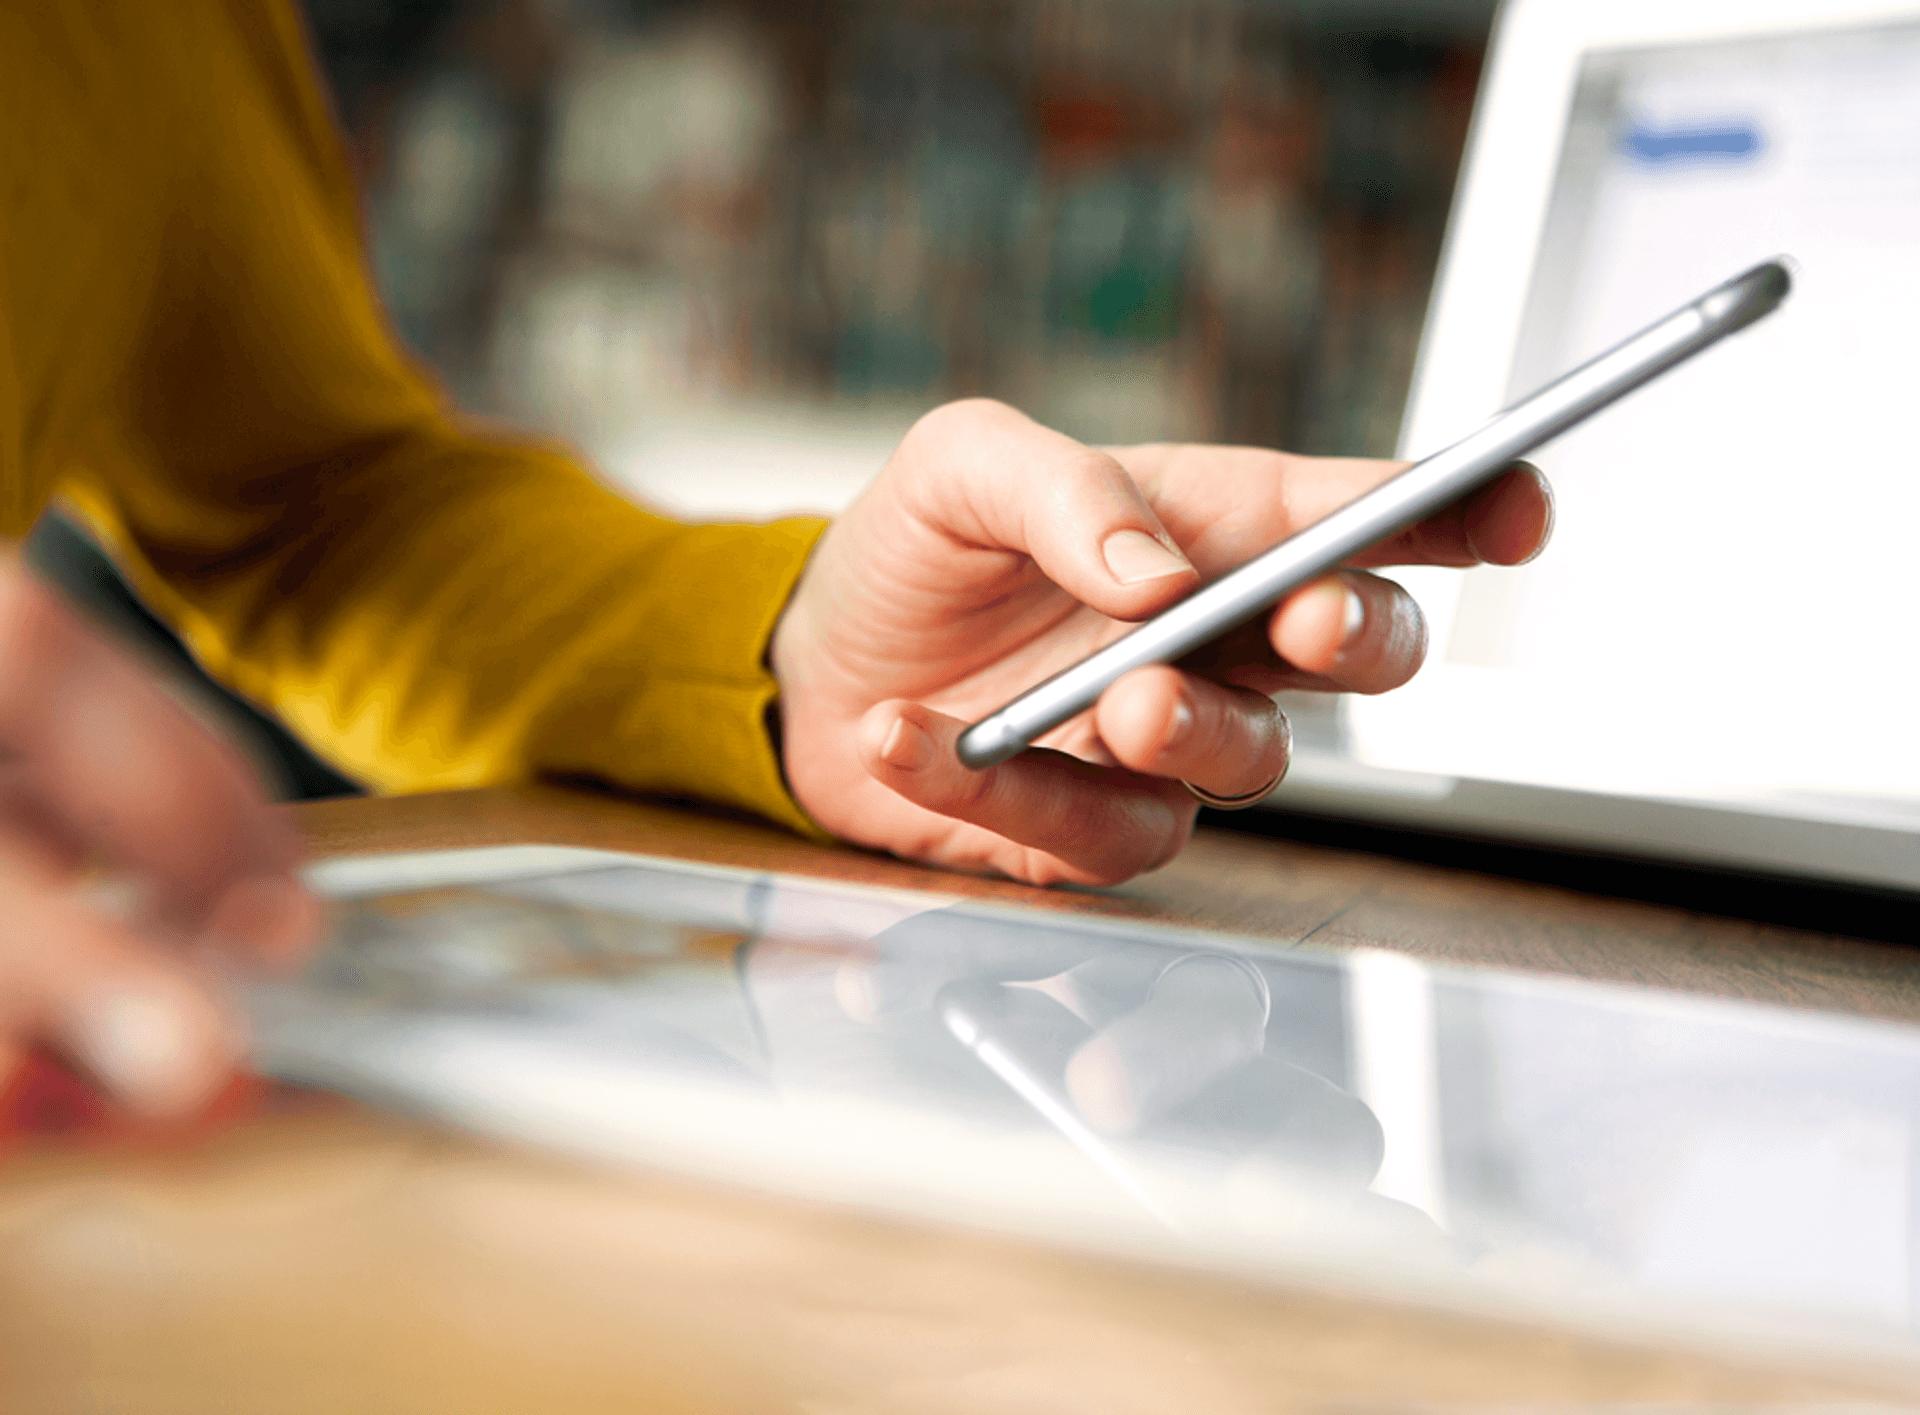 Eine Hand mit Smartphone